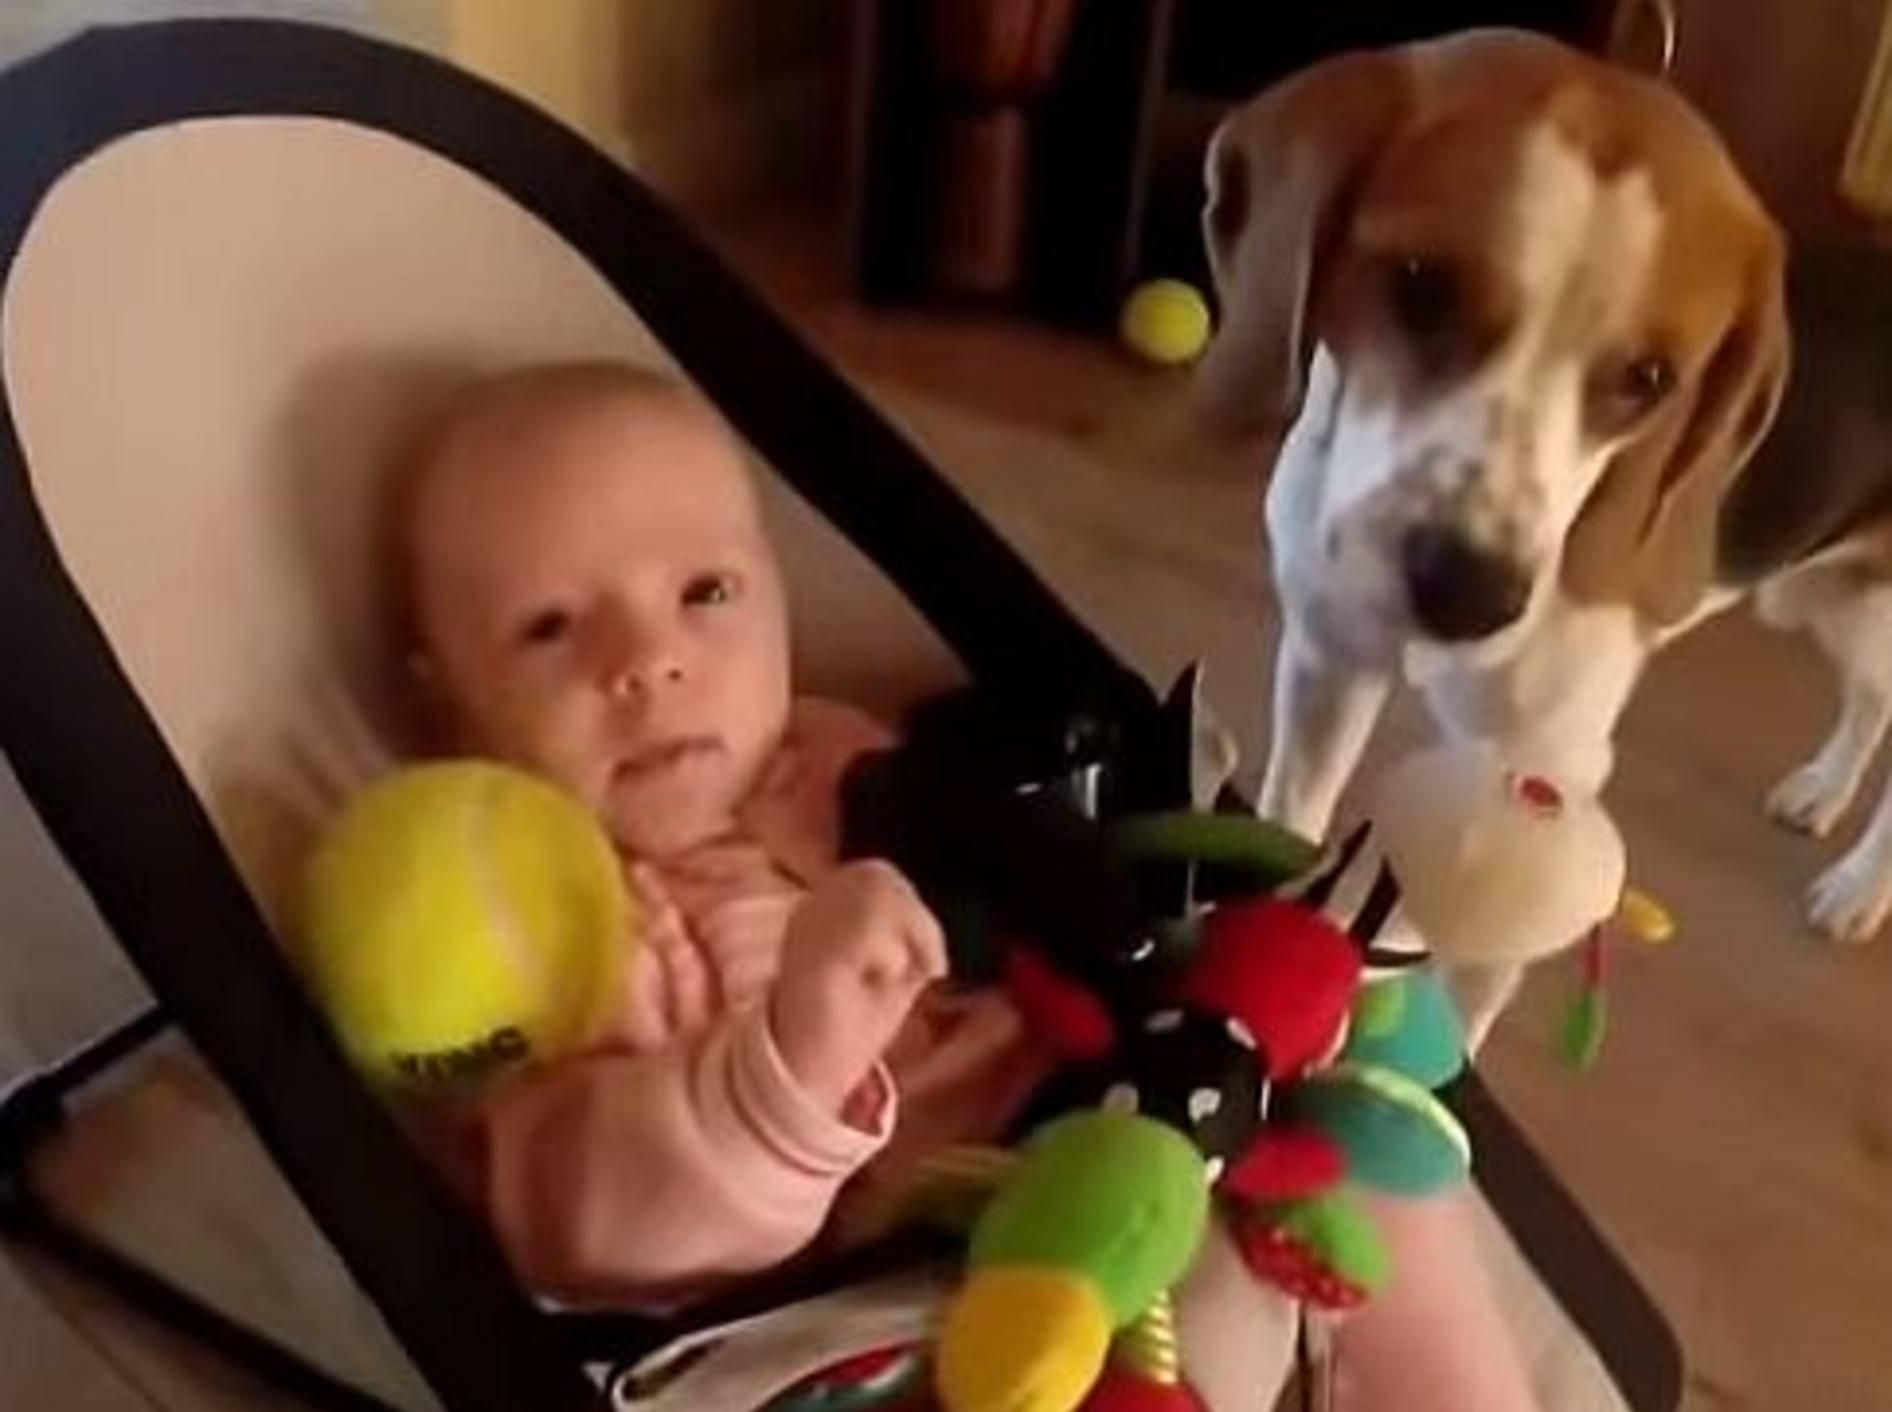 So süß: Beagle mit schlechtem Gewissen will ein Baby trösten – Bild: Youtube / GermanNewzChannel